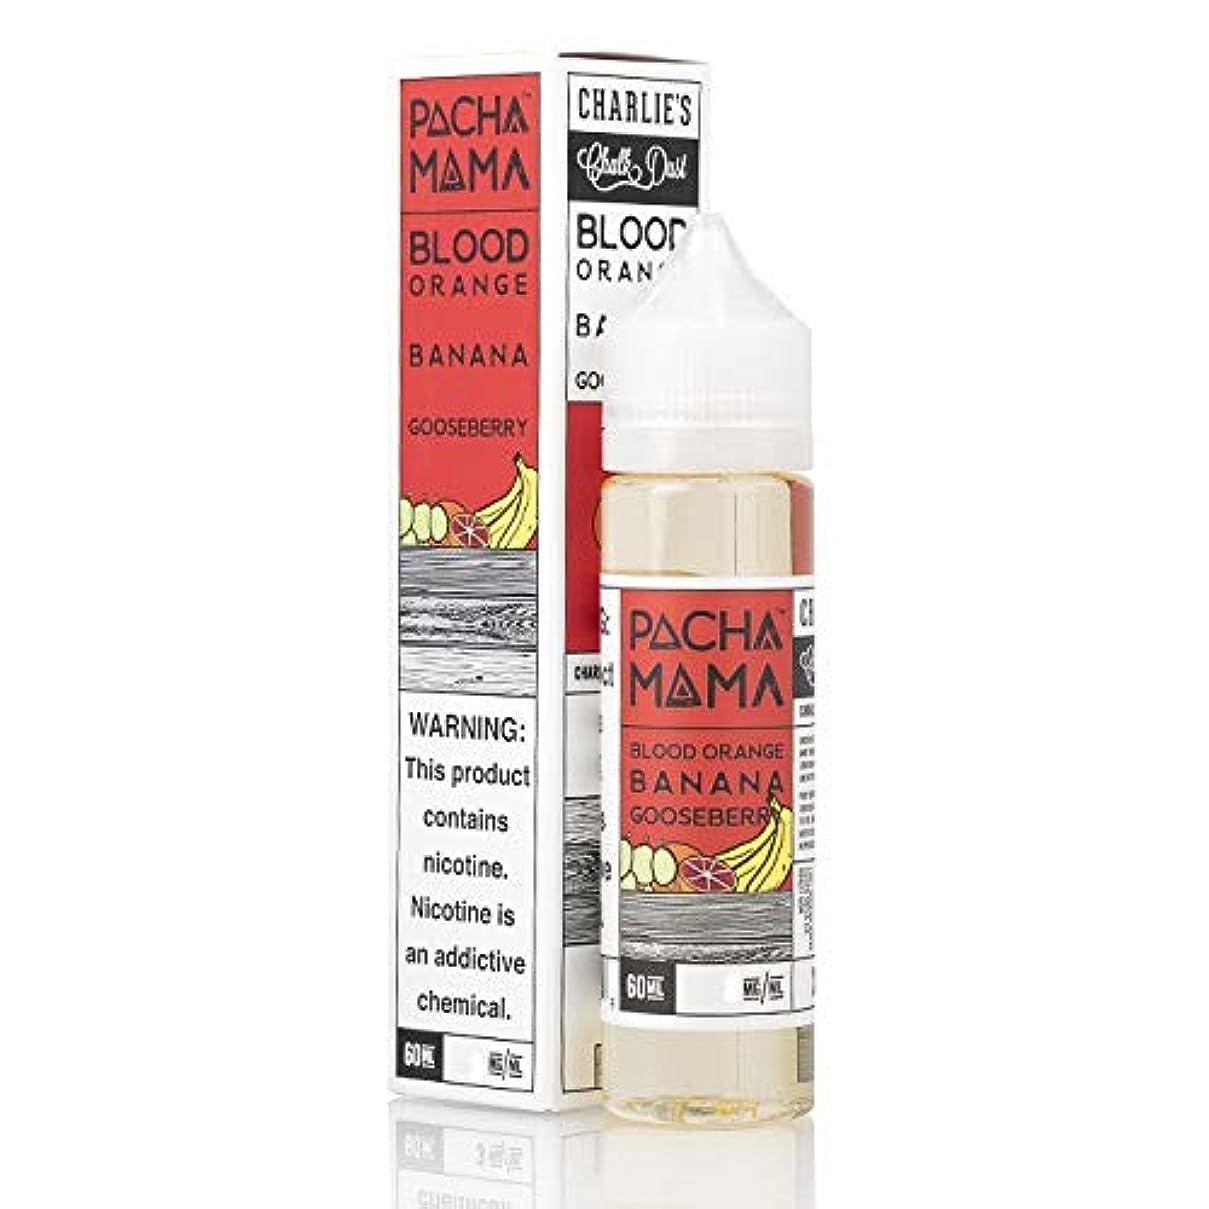 光沢のあるクリープ手当【正規品】PACHAMAMA 60ML電子タバコ用液体 - ニコチンなし (Blood Orange/Banana/Gooseberry)